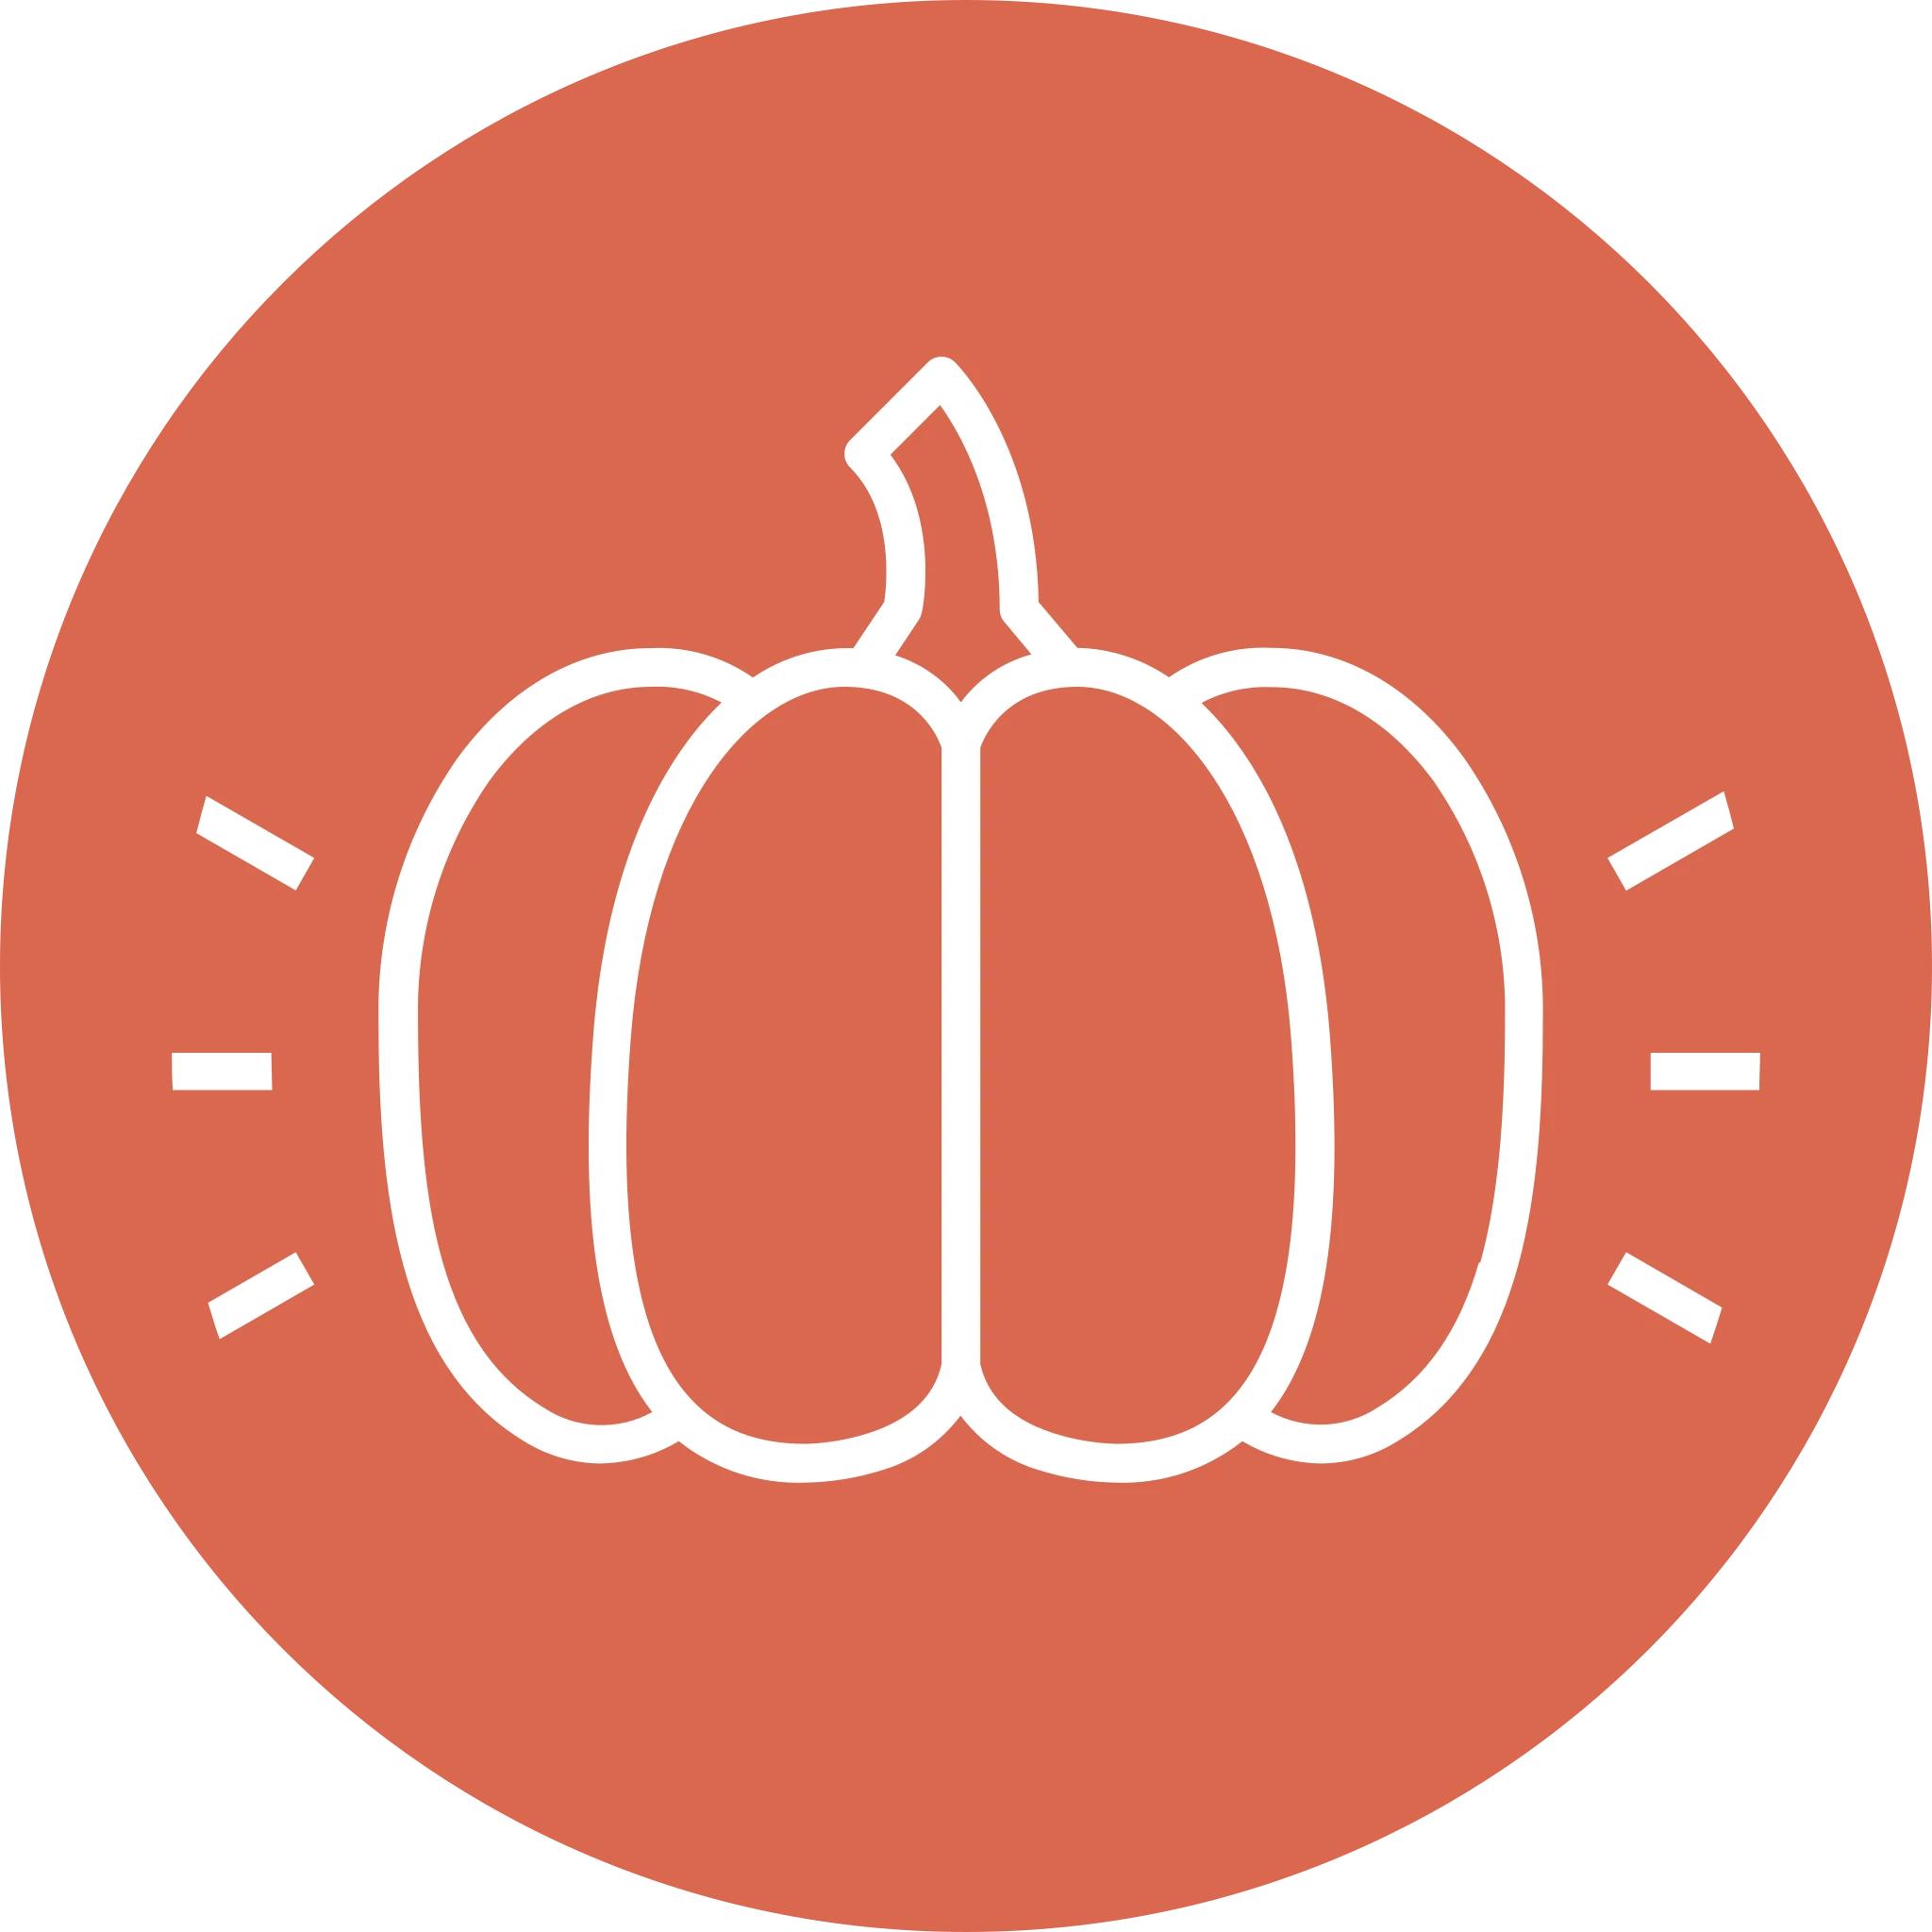 Glowing Pumpkin Displays